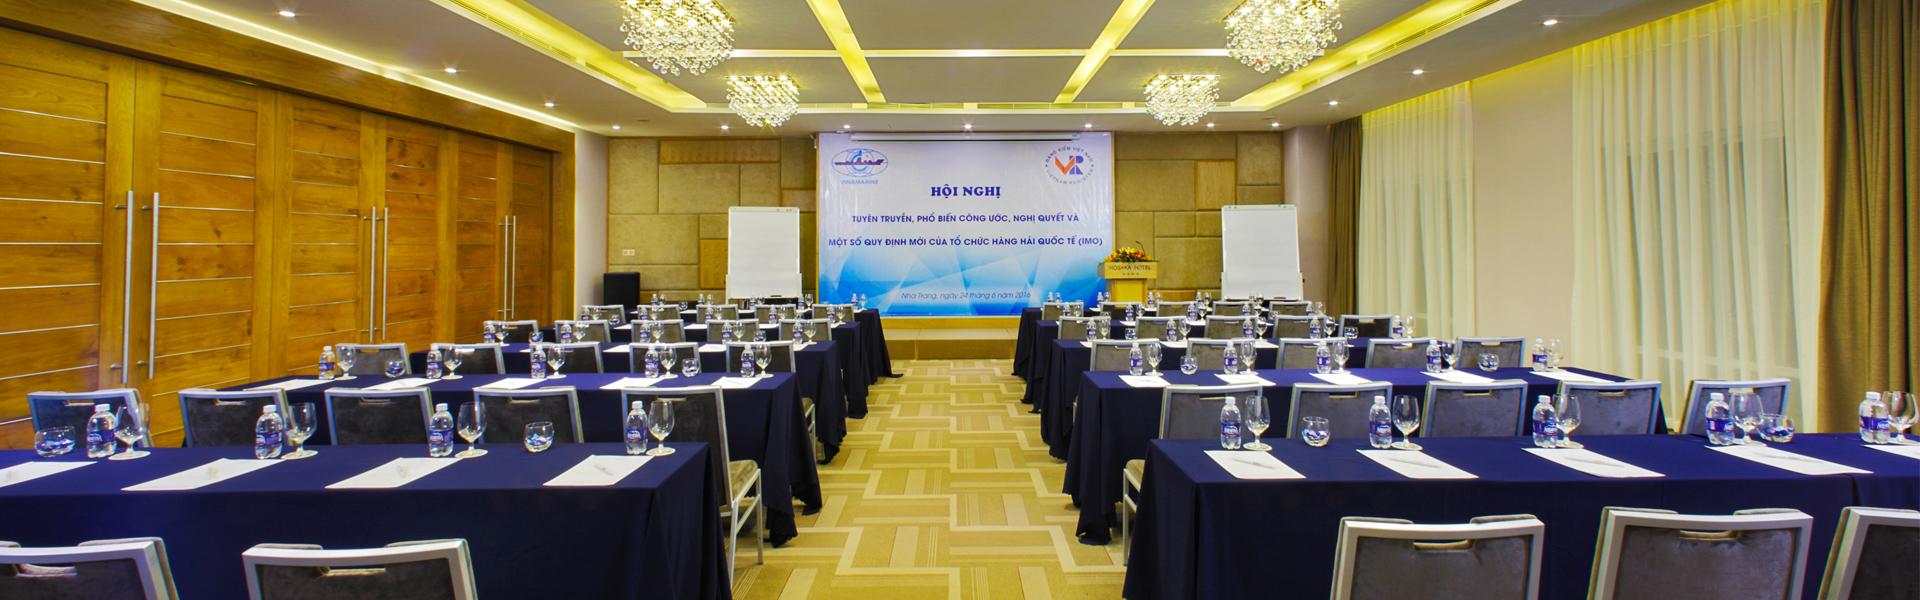 Tổ chức hội thảo tại Rosaka Nha Trang